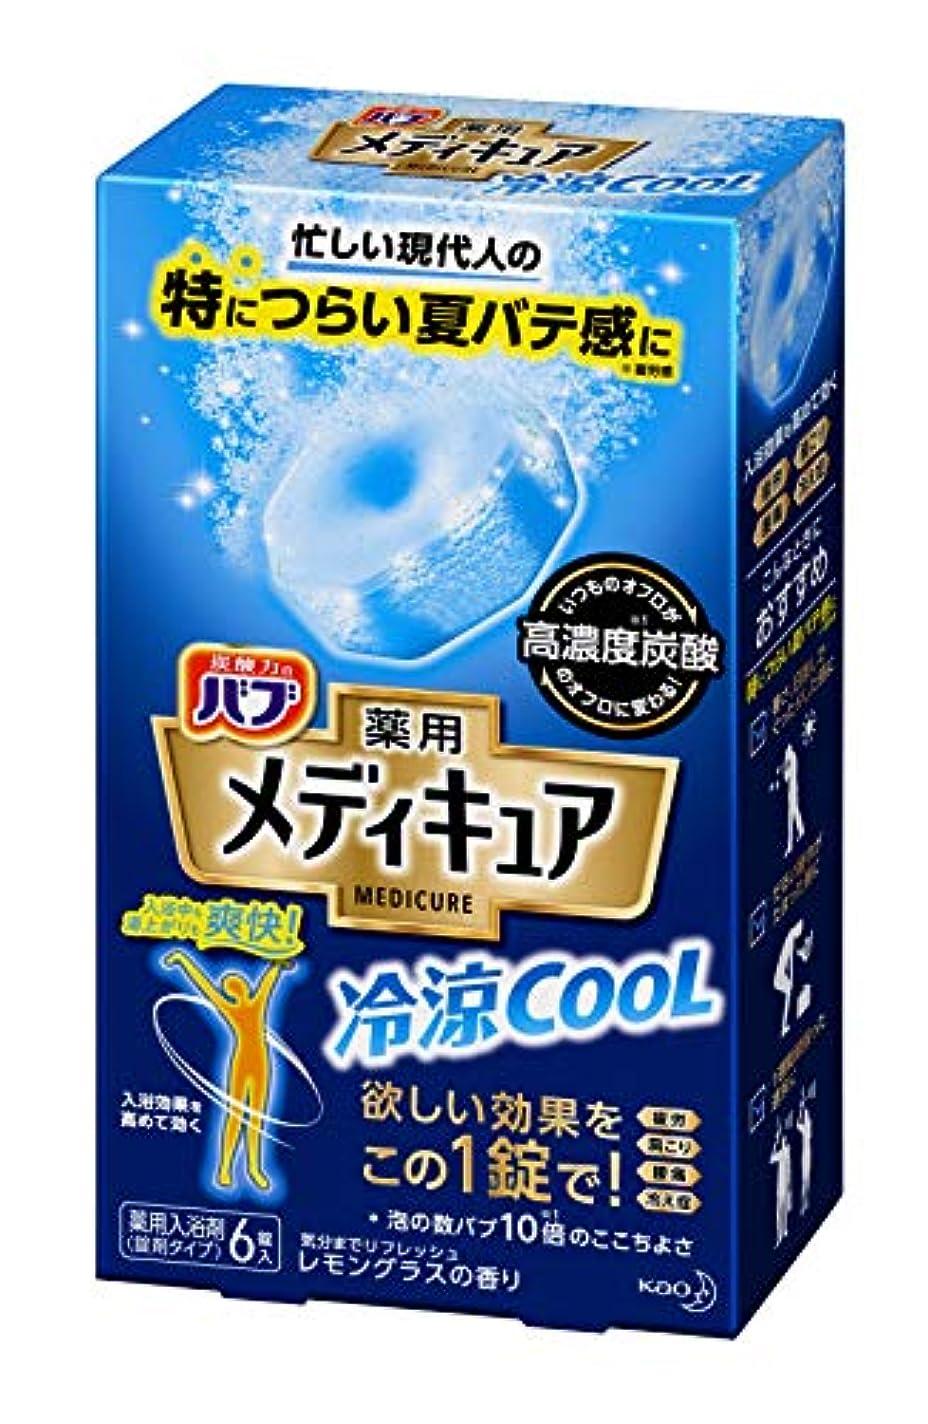 彼ら絡まるなぞらえるバブ メディキュア 冷涼クール レモングラスの香り 6錠入 高濃度 炭酸 温泉成分 (泡の数バブの10倍)